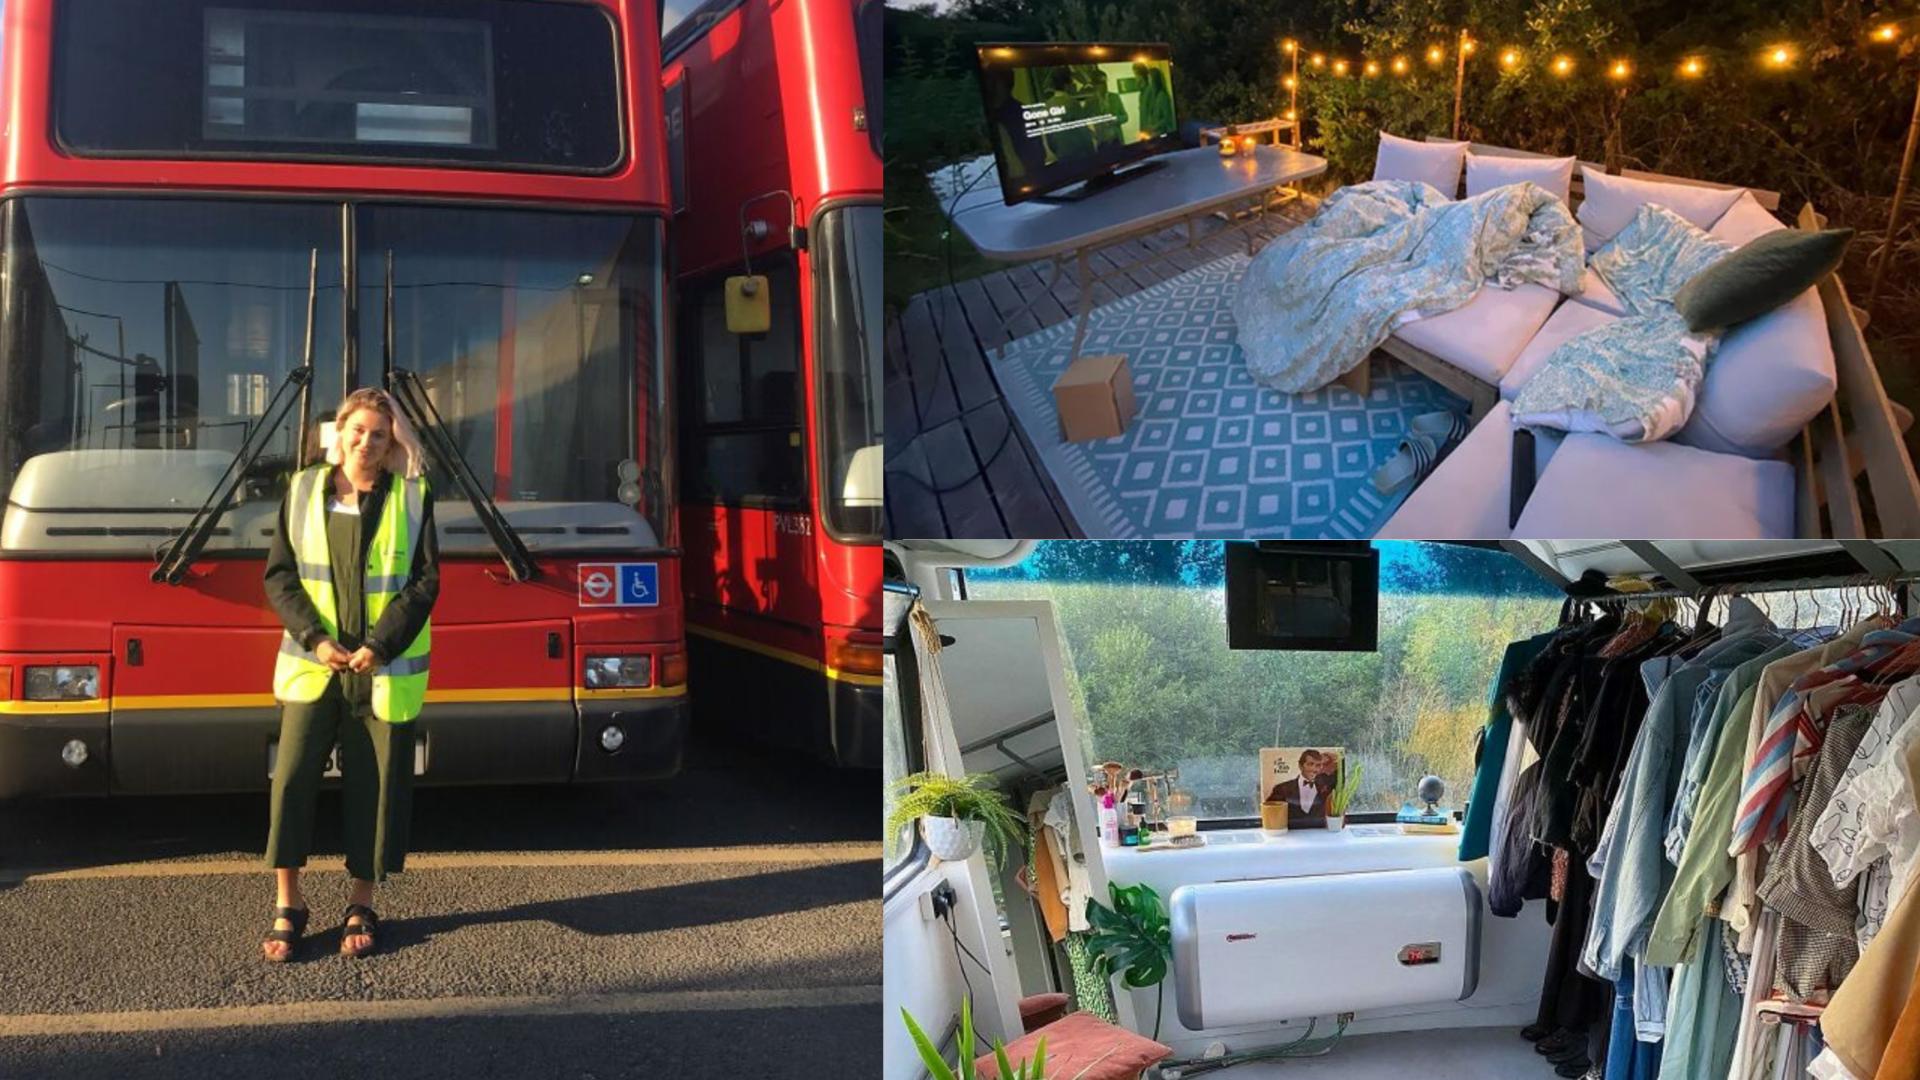 Pareja convierte un autobús de 2 pisos en una casa de lujo